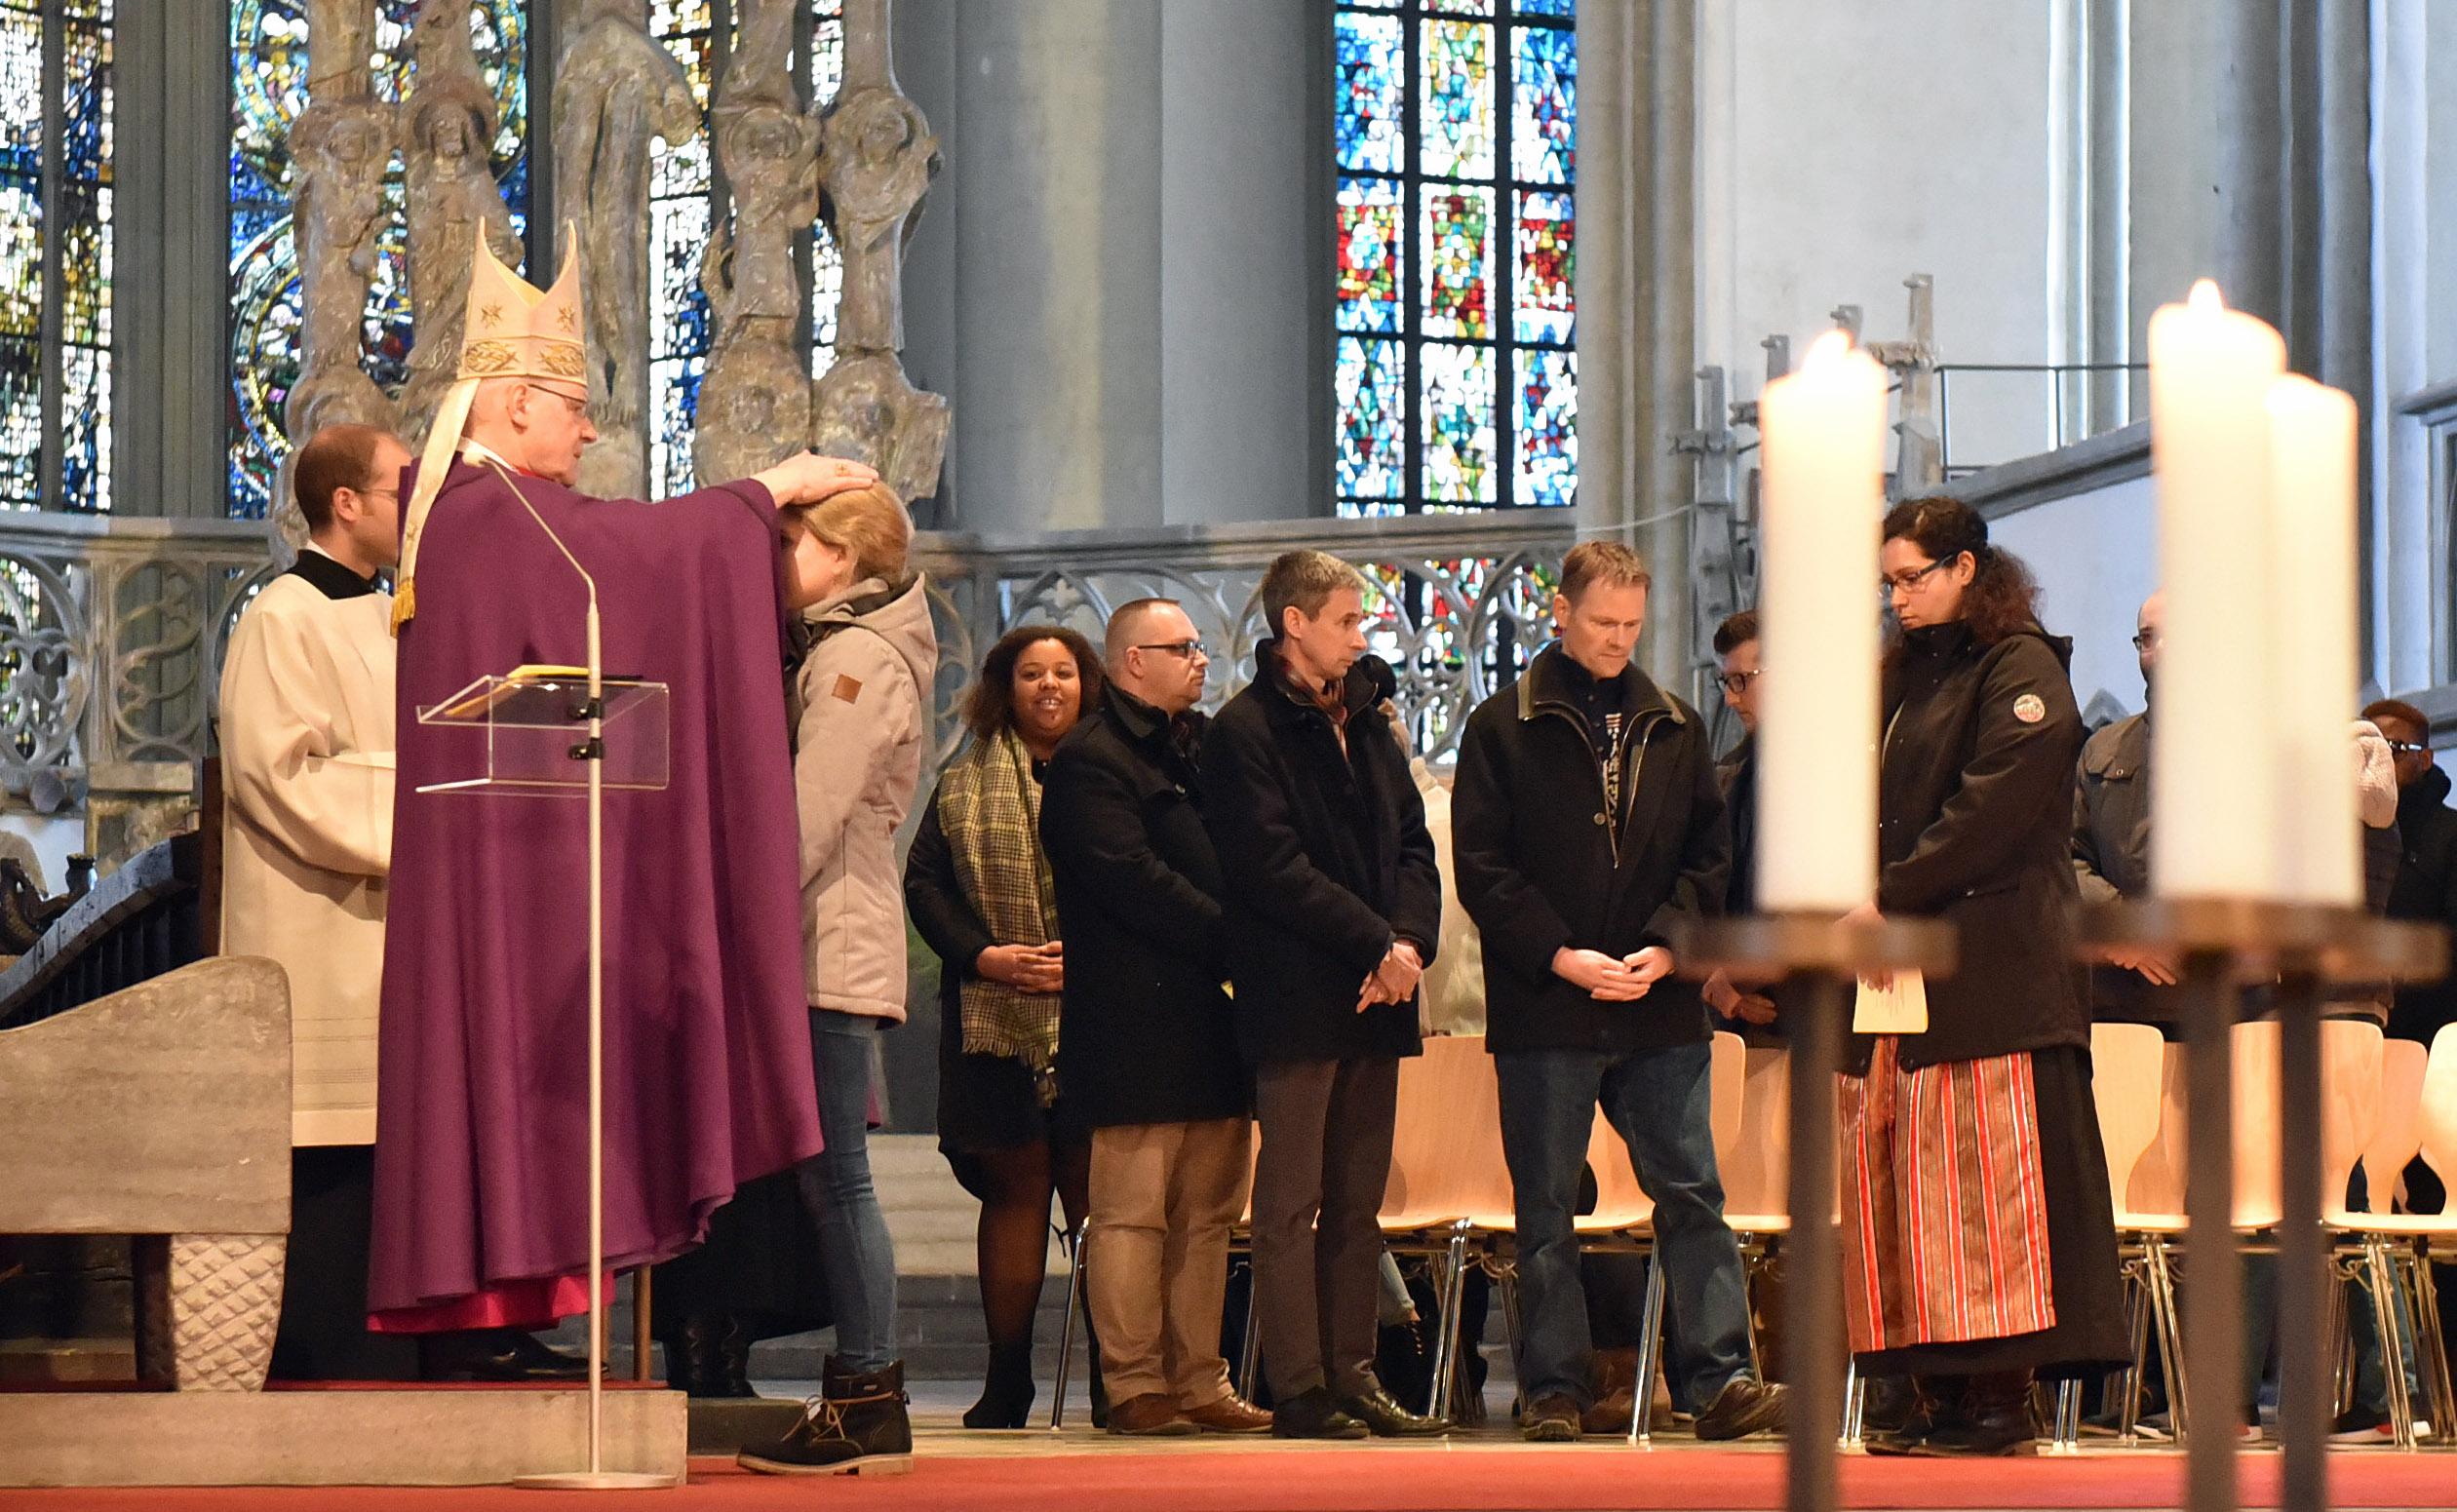 Bischof Konrad segnet die Tauf- und Firmbewerber. (Fotos: Romana Kröling / pba)